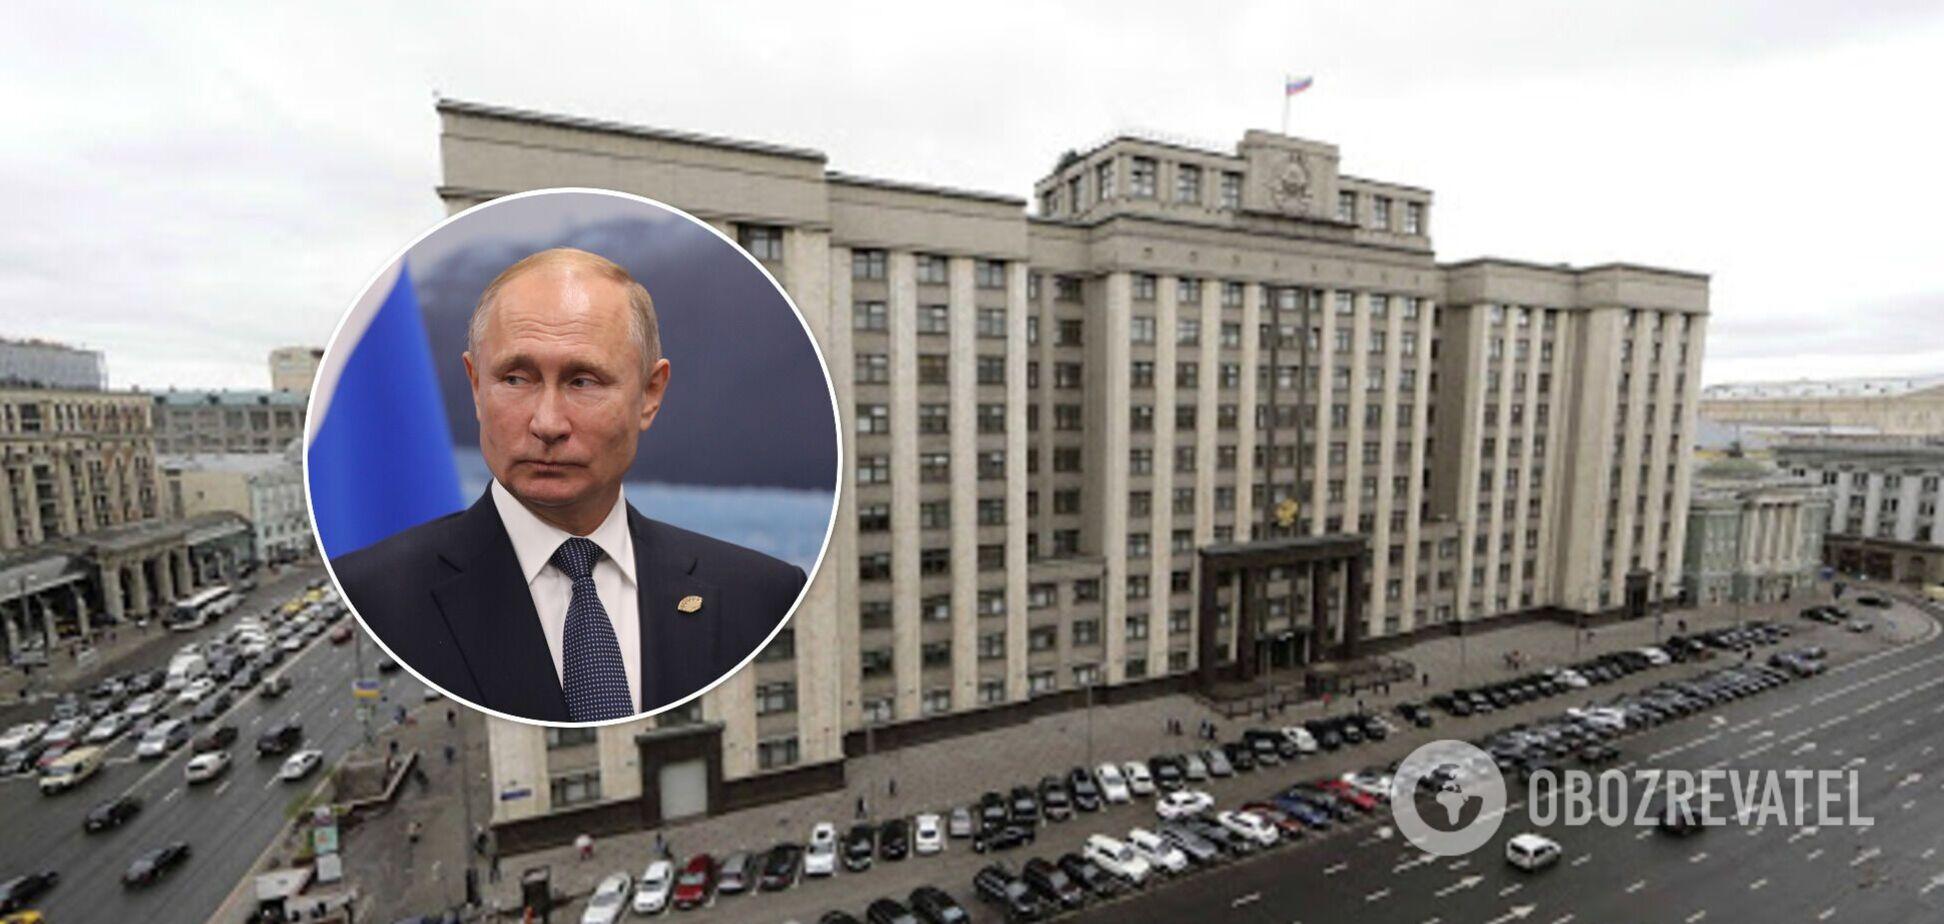 Зачем партия Путина ведет в парламент воевавших на Донбассе боевиков